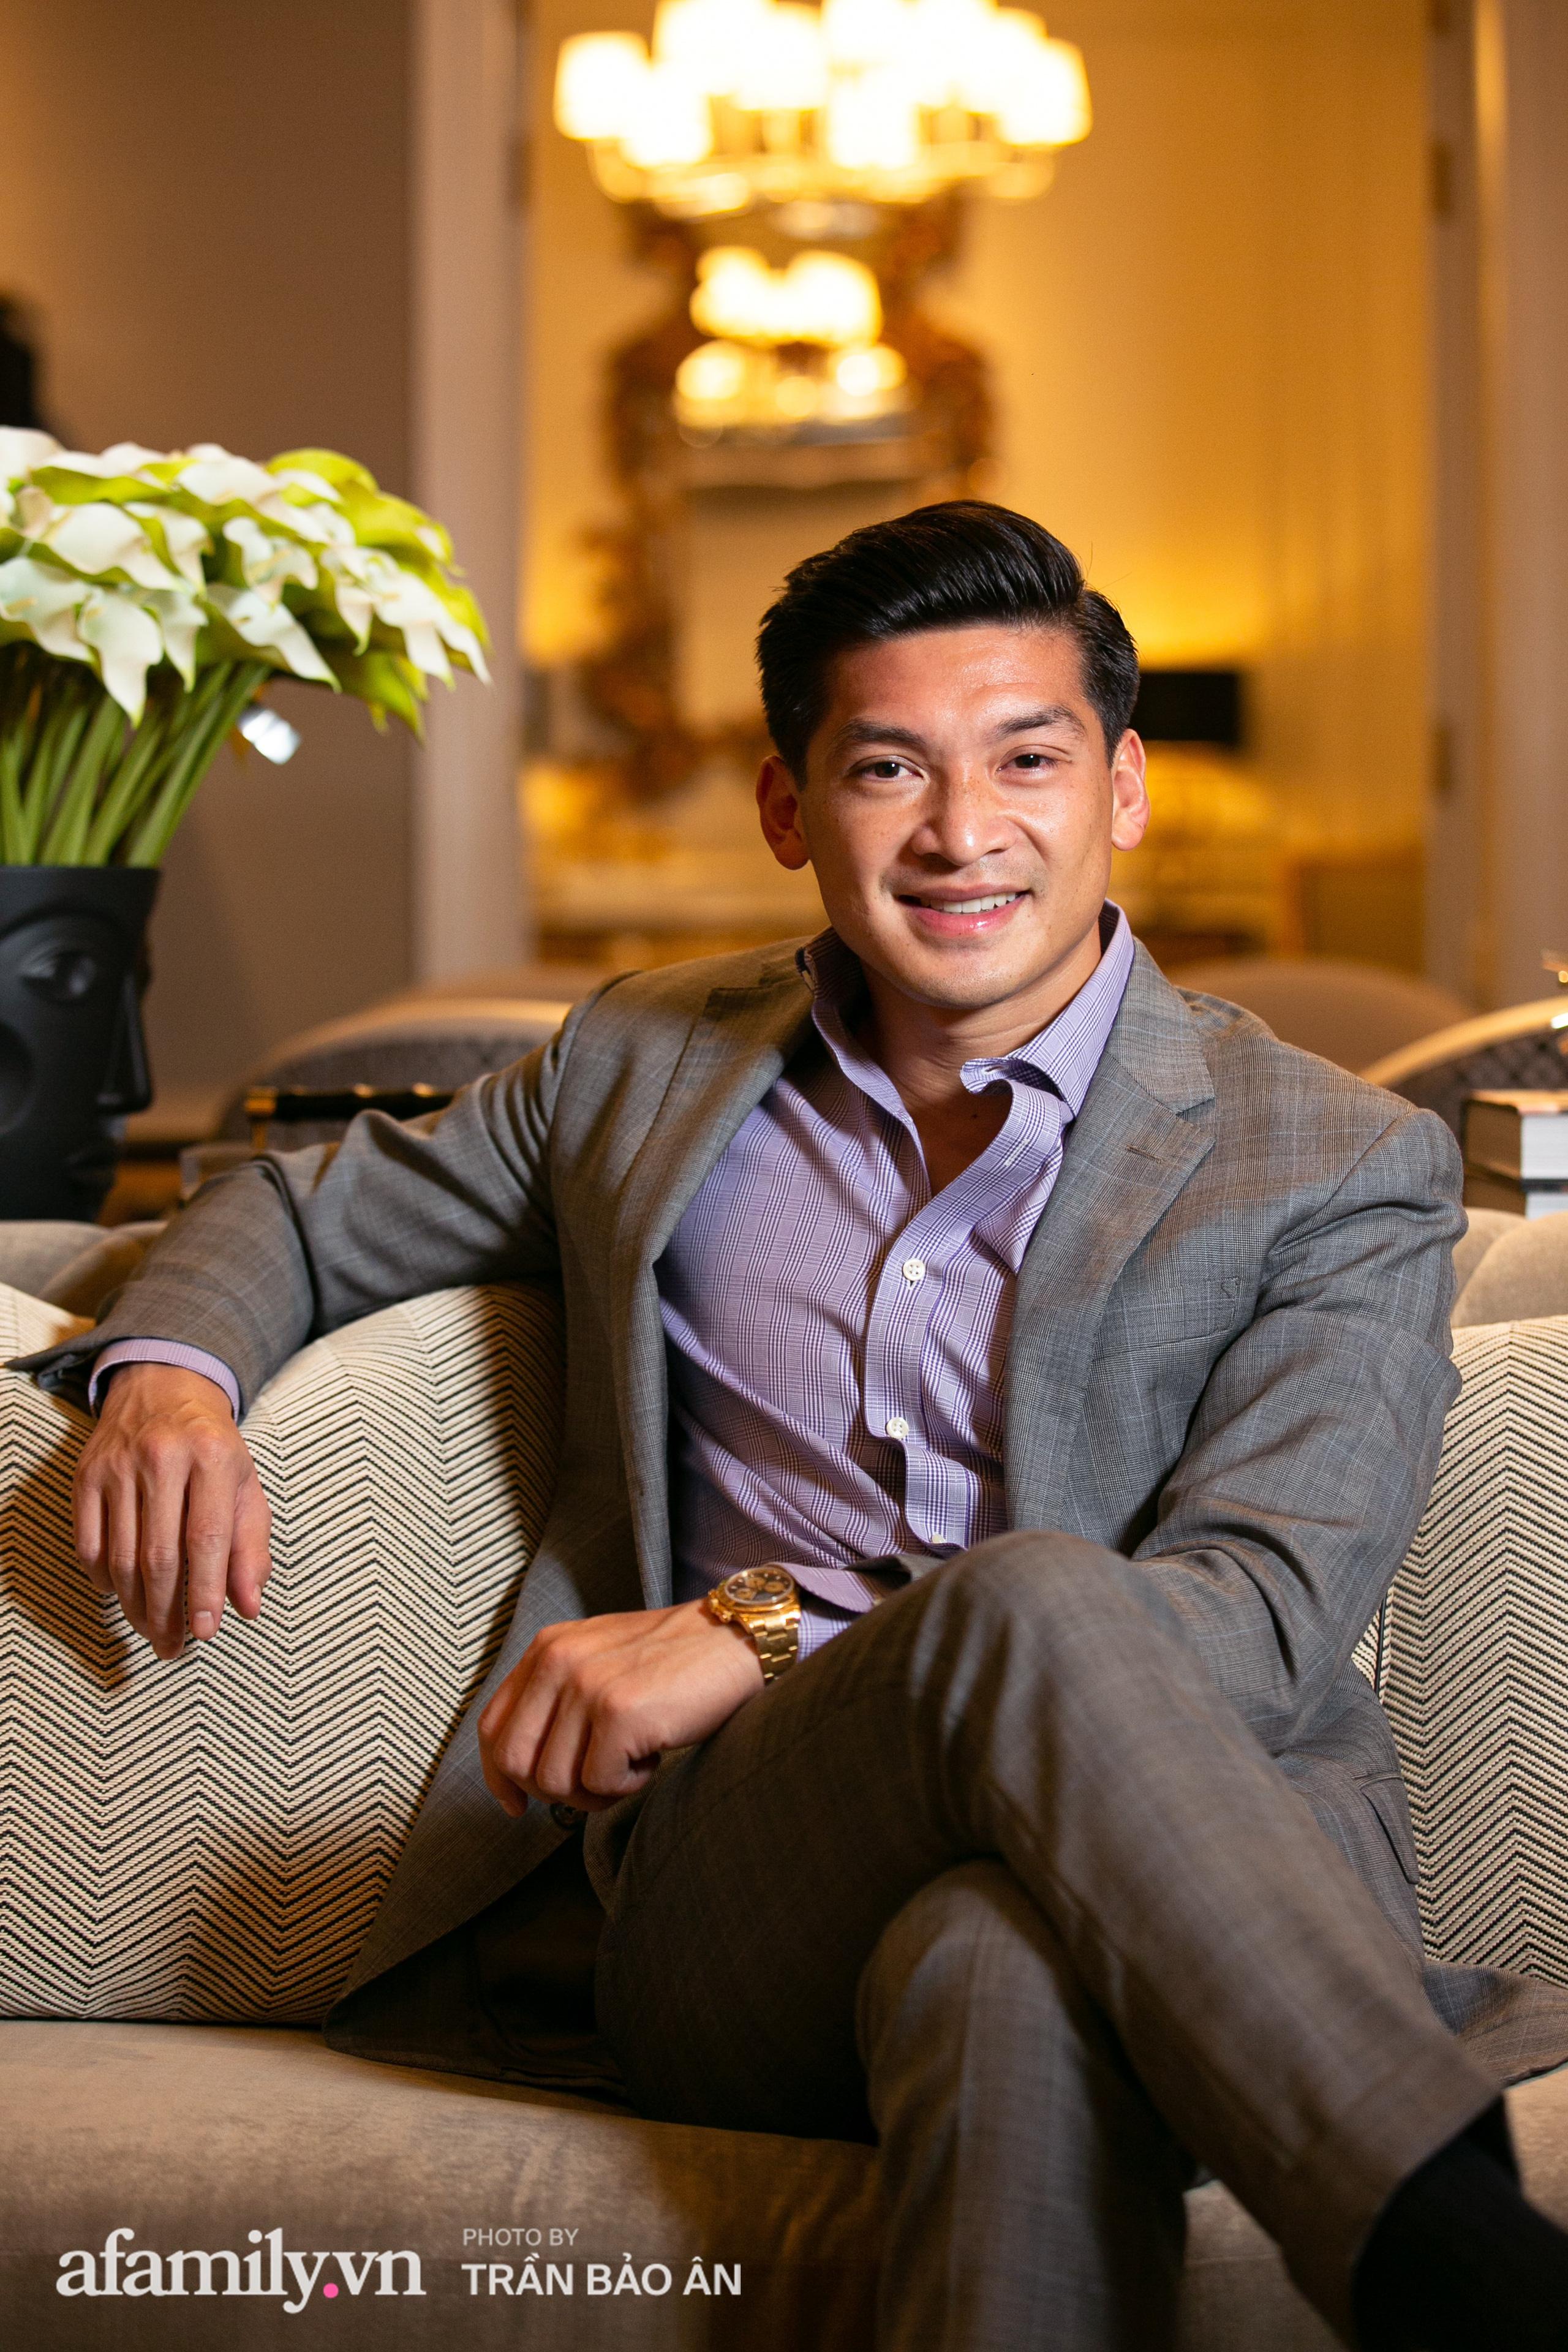 """Yves Huy Phan – CEO 30 tuổi đã làm chủ đế chế nội thất xa xỉ tiết lộ quá trình """"làm giàu"""" và điều bí mật ai cũng tò mò trong mối tình đồng giới với nhà thiết kế nổi tiếng - Ảnh 6."""